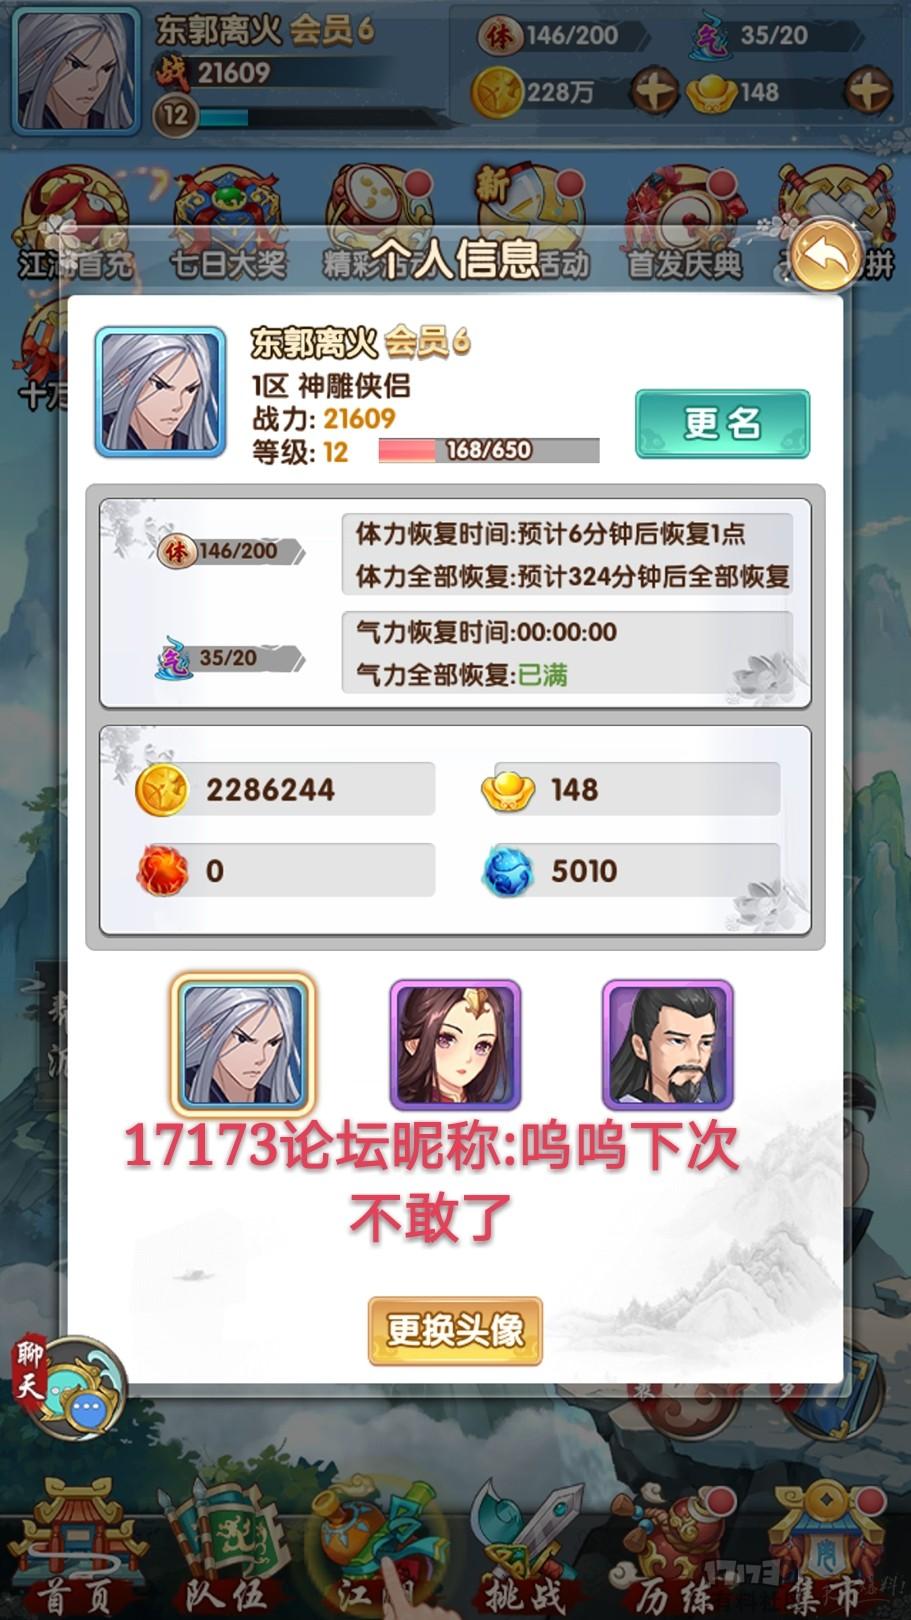 Screenshot_2017-10-19-12-21-12-69_mh1508386953289.jpg